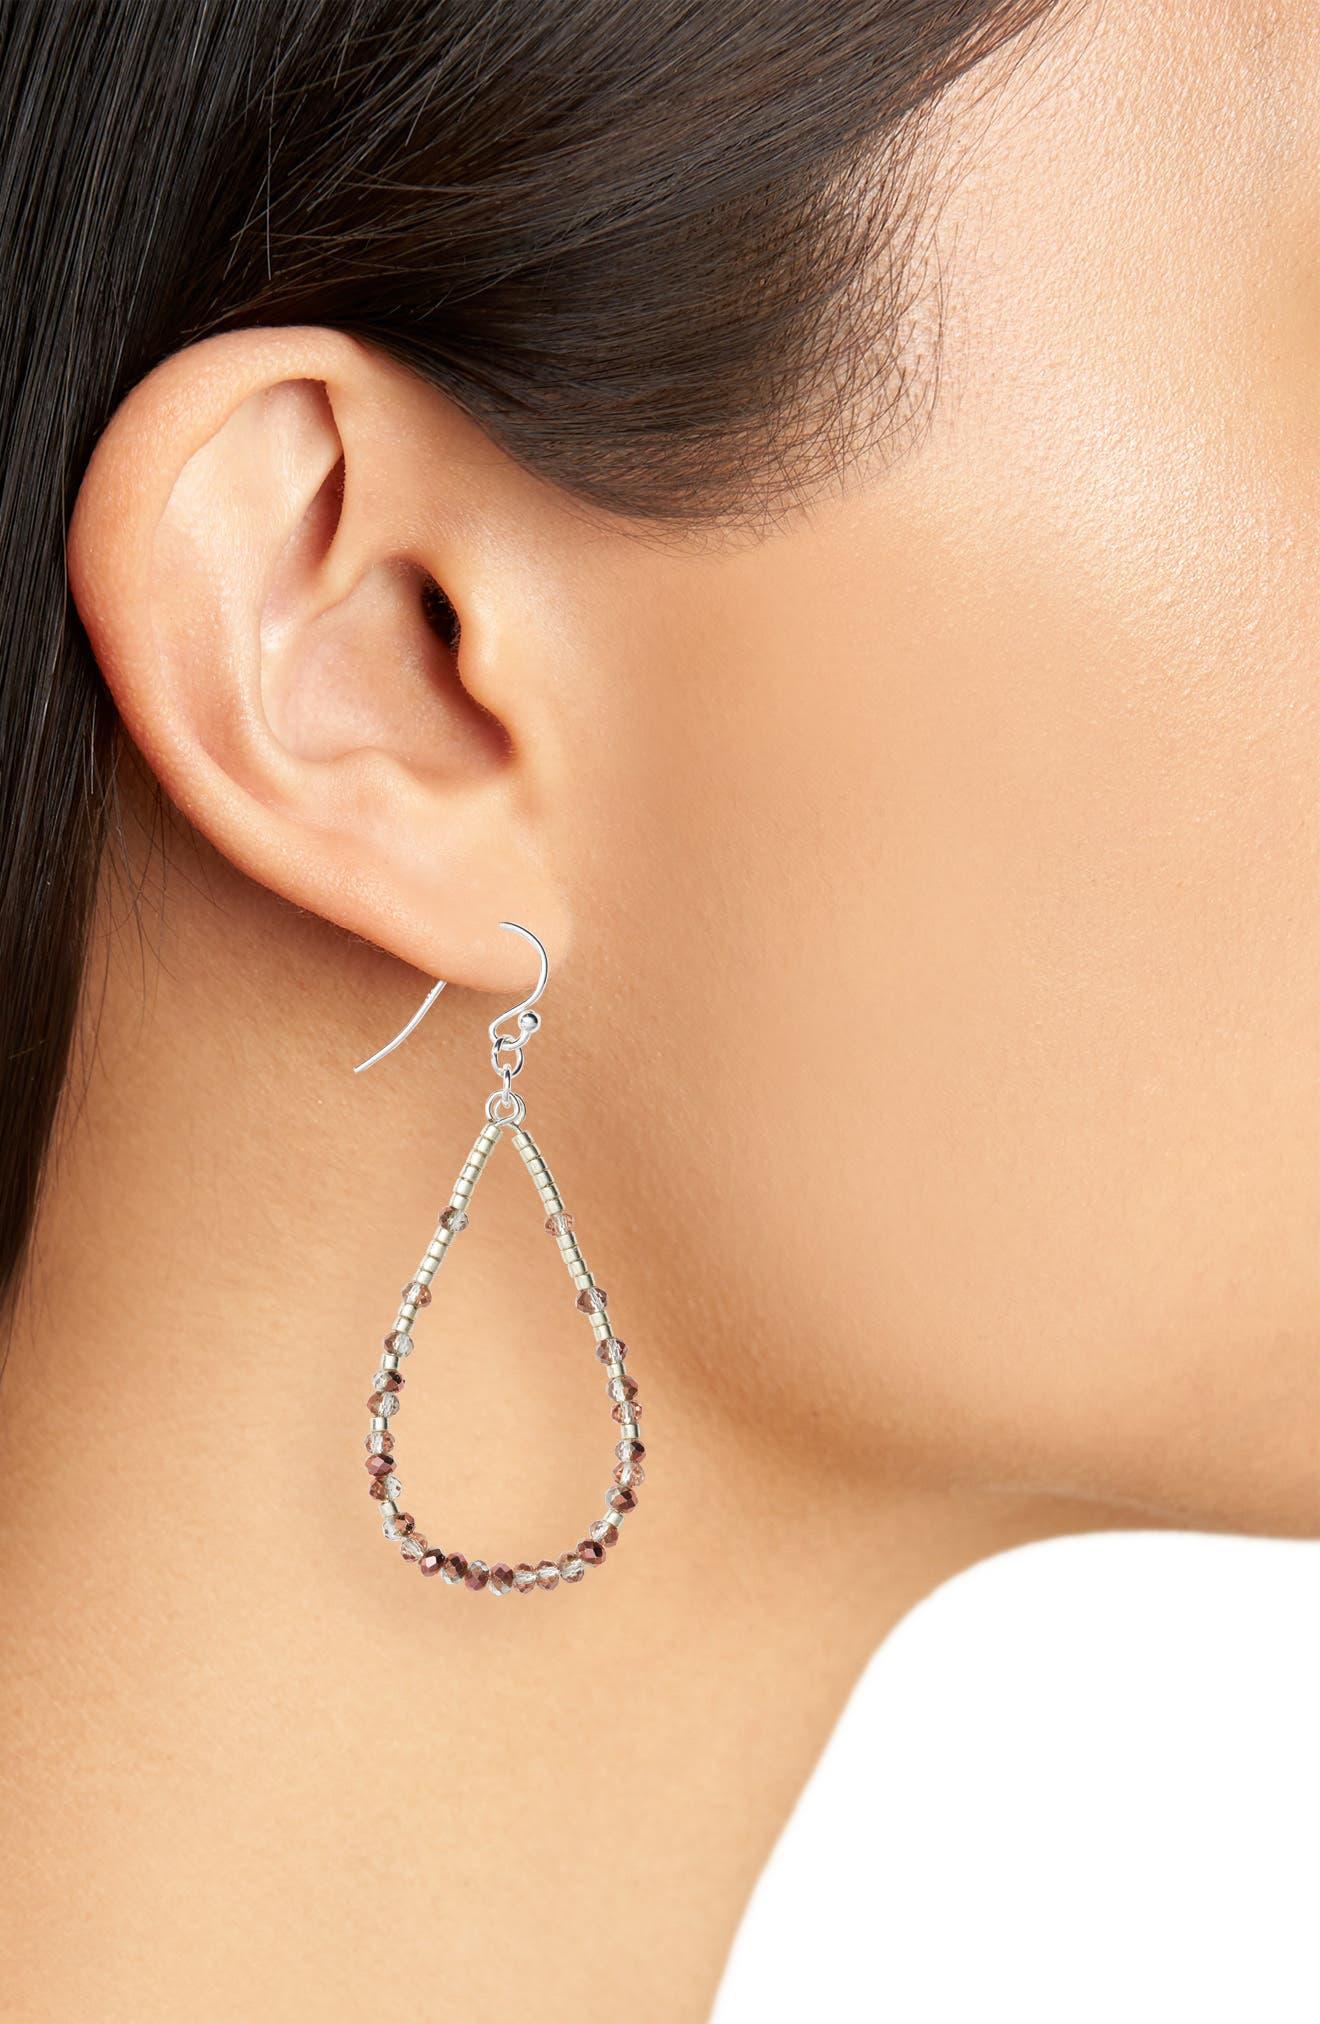 Crystal Hoop Earrings,                             Alternate thumbnail 2, color,                             Copper Crystal